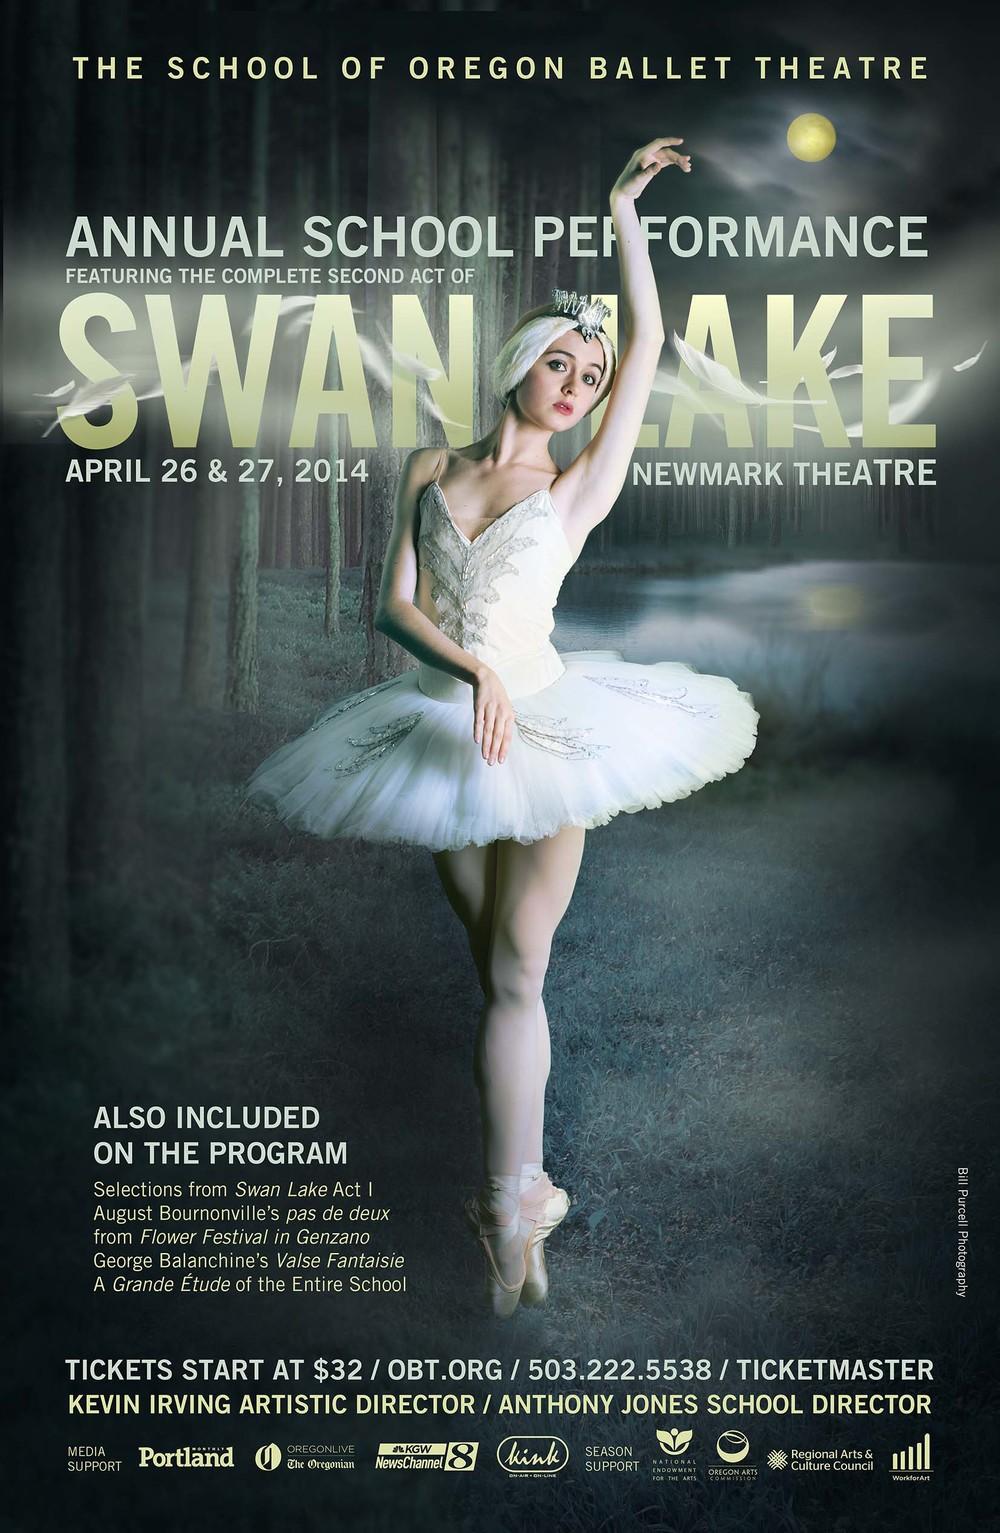 SOBT_ASP2014_SwanLake_BPurcell_poster.jpg